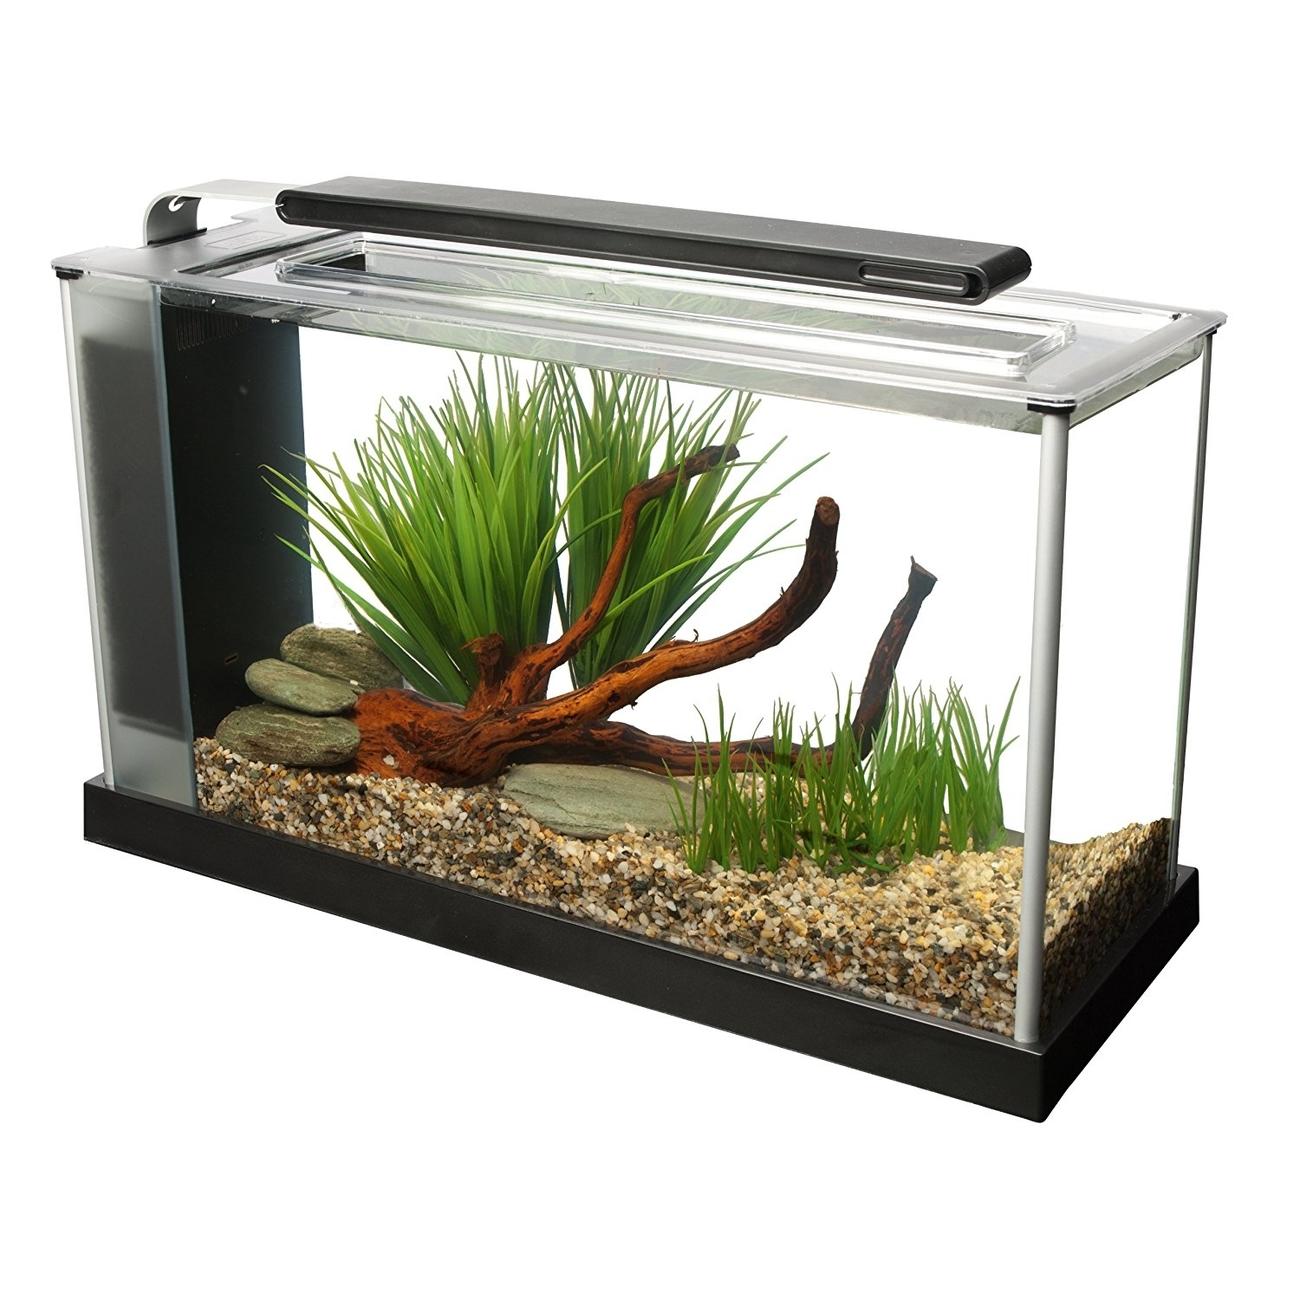 Fluval SPEC Süßwasser Aquarium Set Bild 11